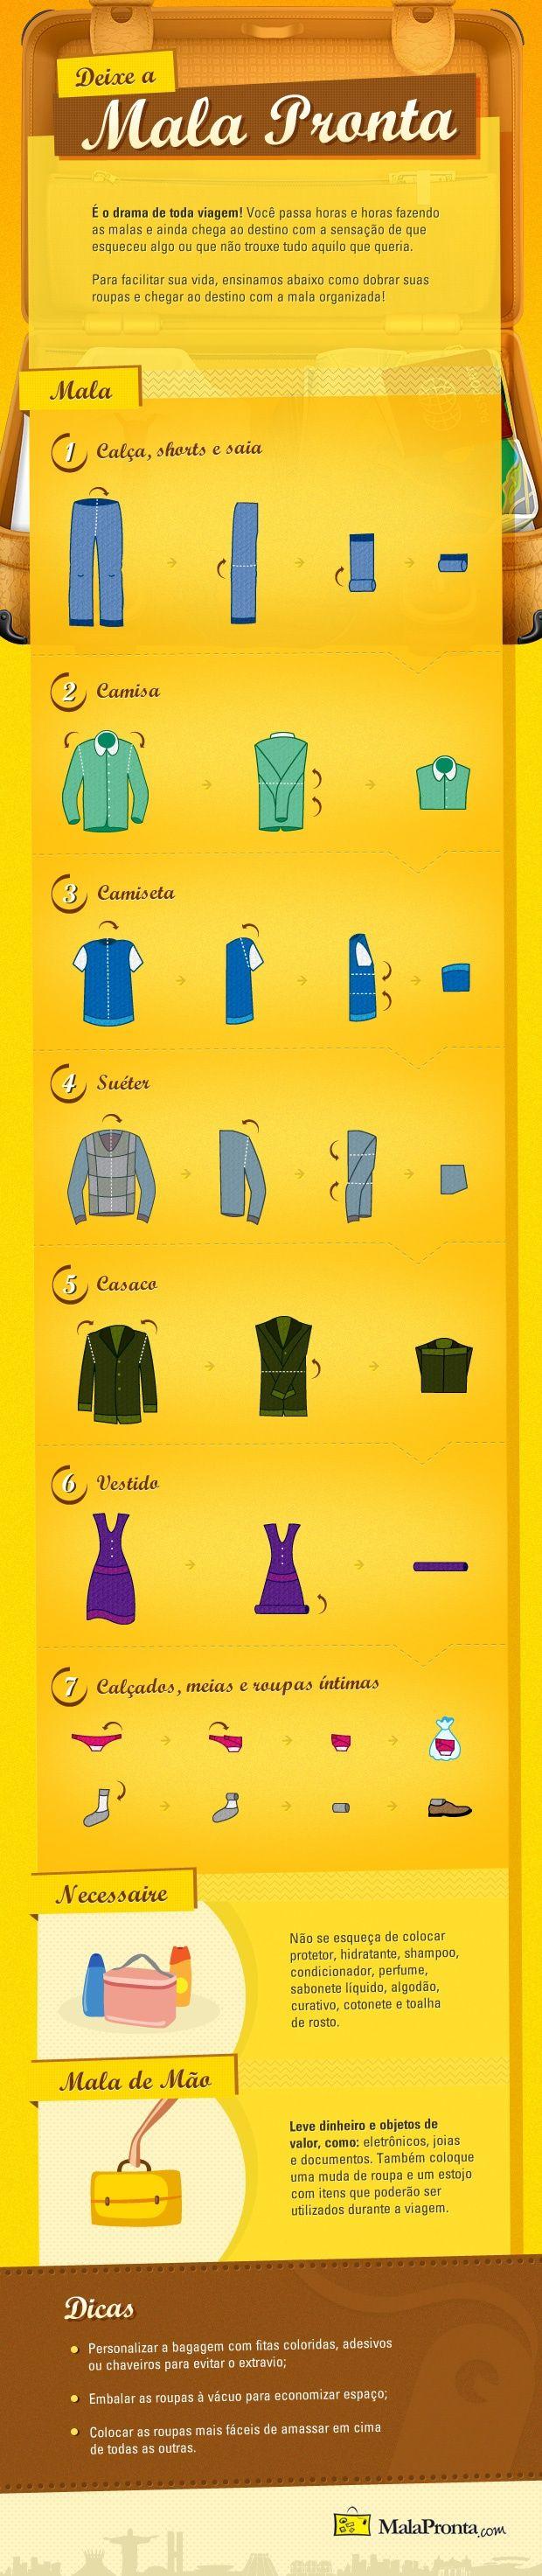 Infográfico para facilitar a sua vida. Ensinamos como dobrar suas roupas e chegar ao destino com a mala organizada!: